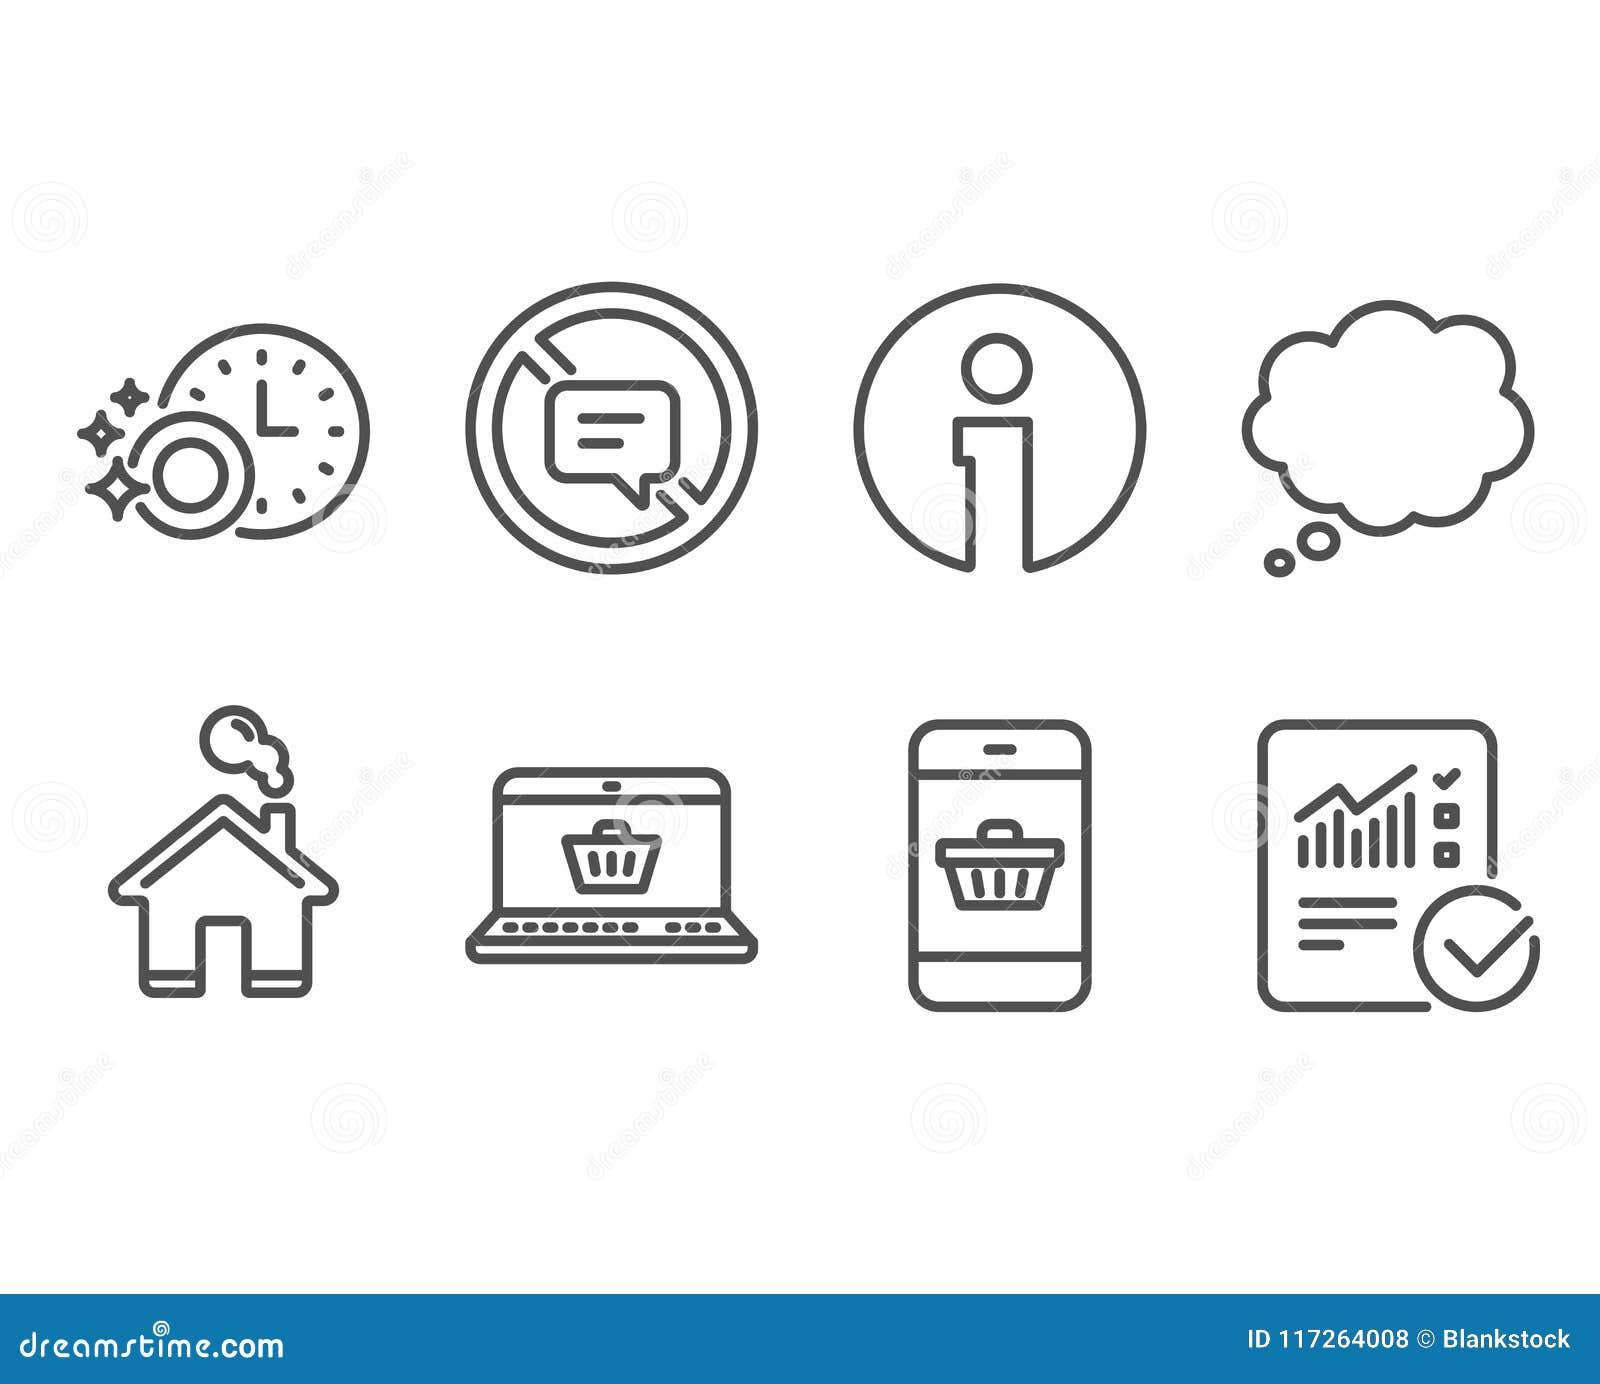 Pare de falar, compra em linha e de temporizador da máquina de lavar louça ícones